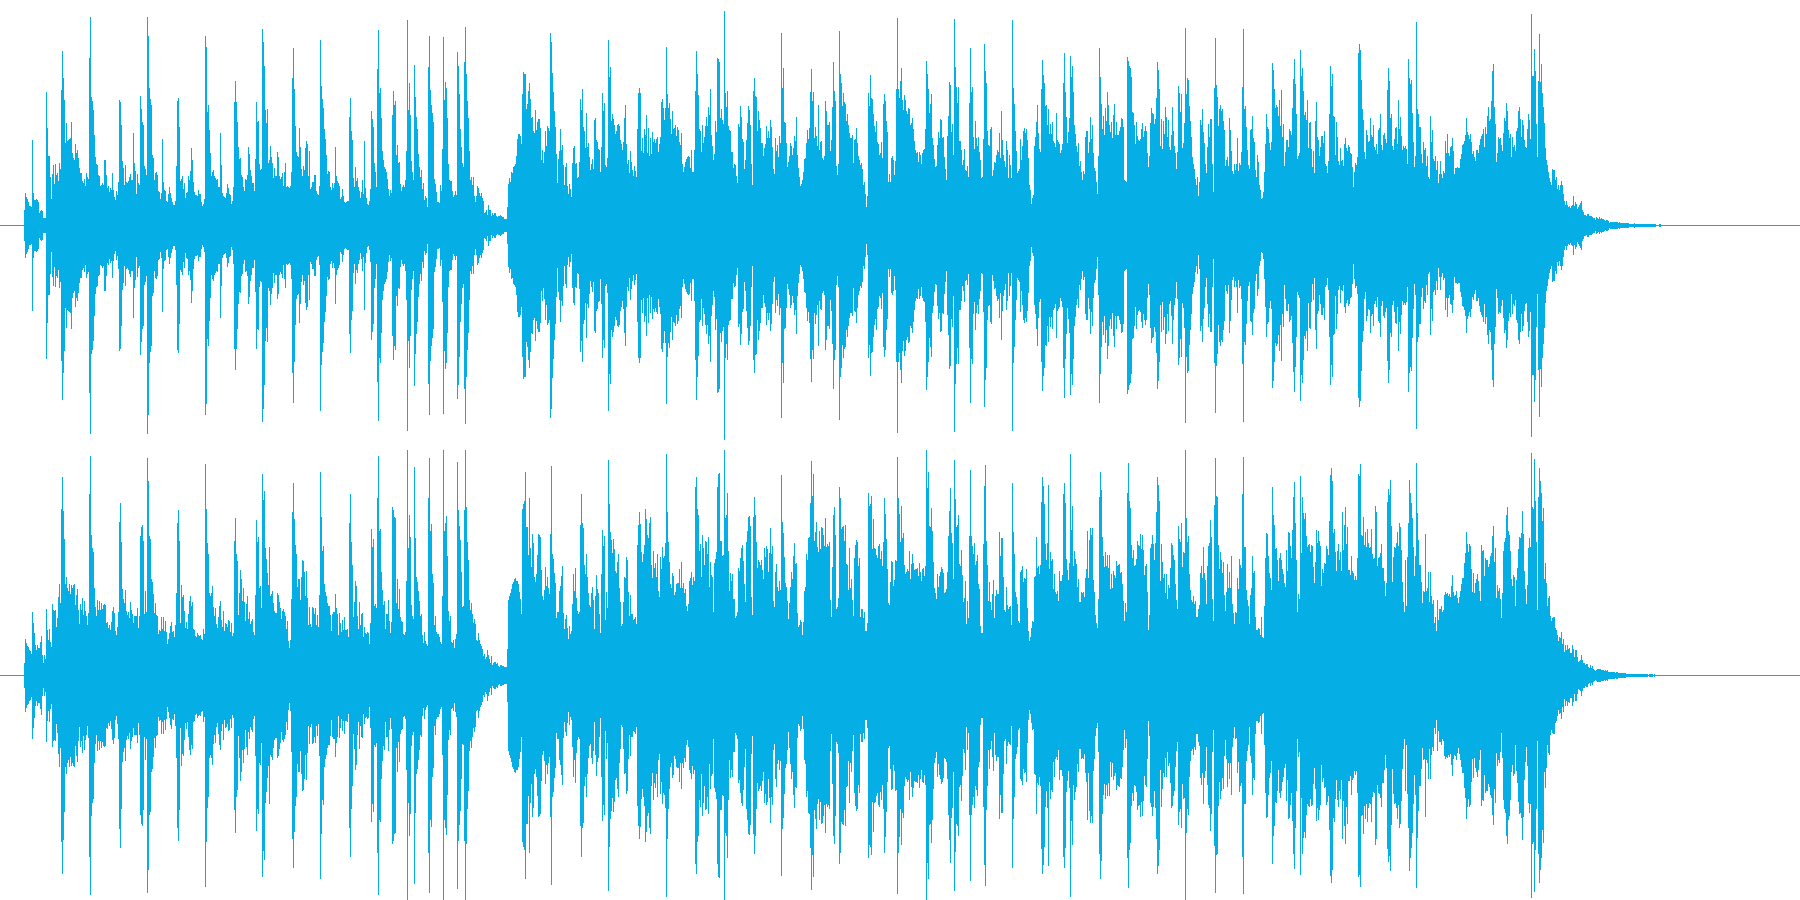 優しく緩やかなシンセポップジングルの再生済みの波形